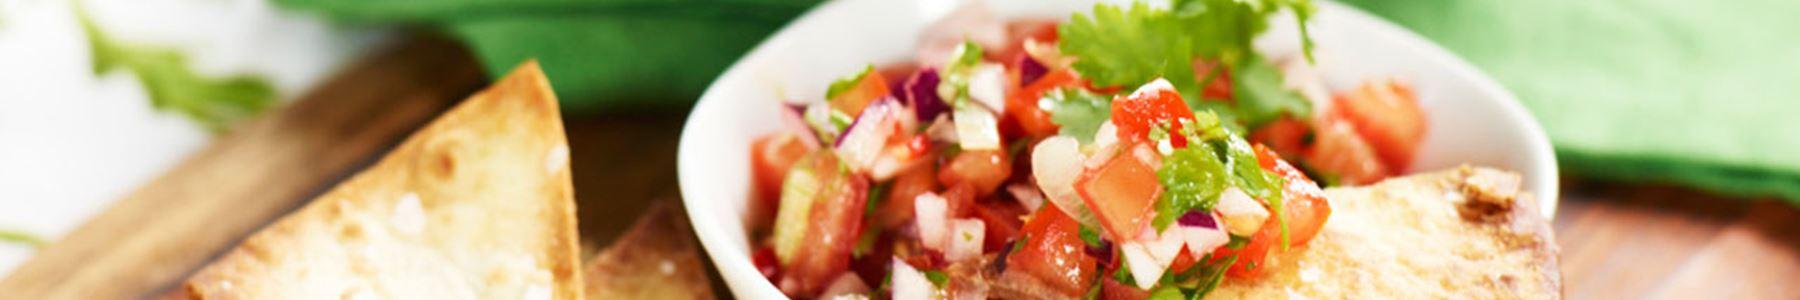 Tortilla + Guacamole + Tacos